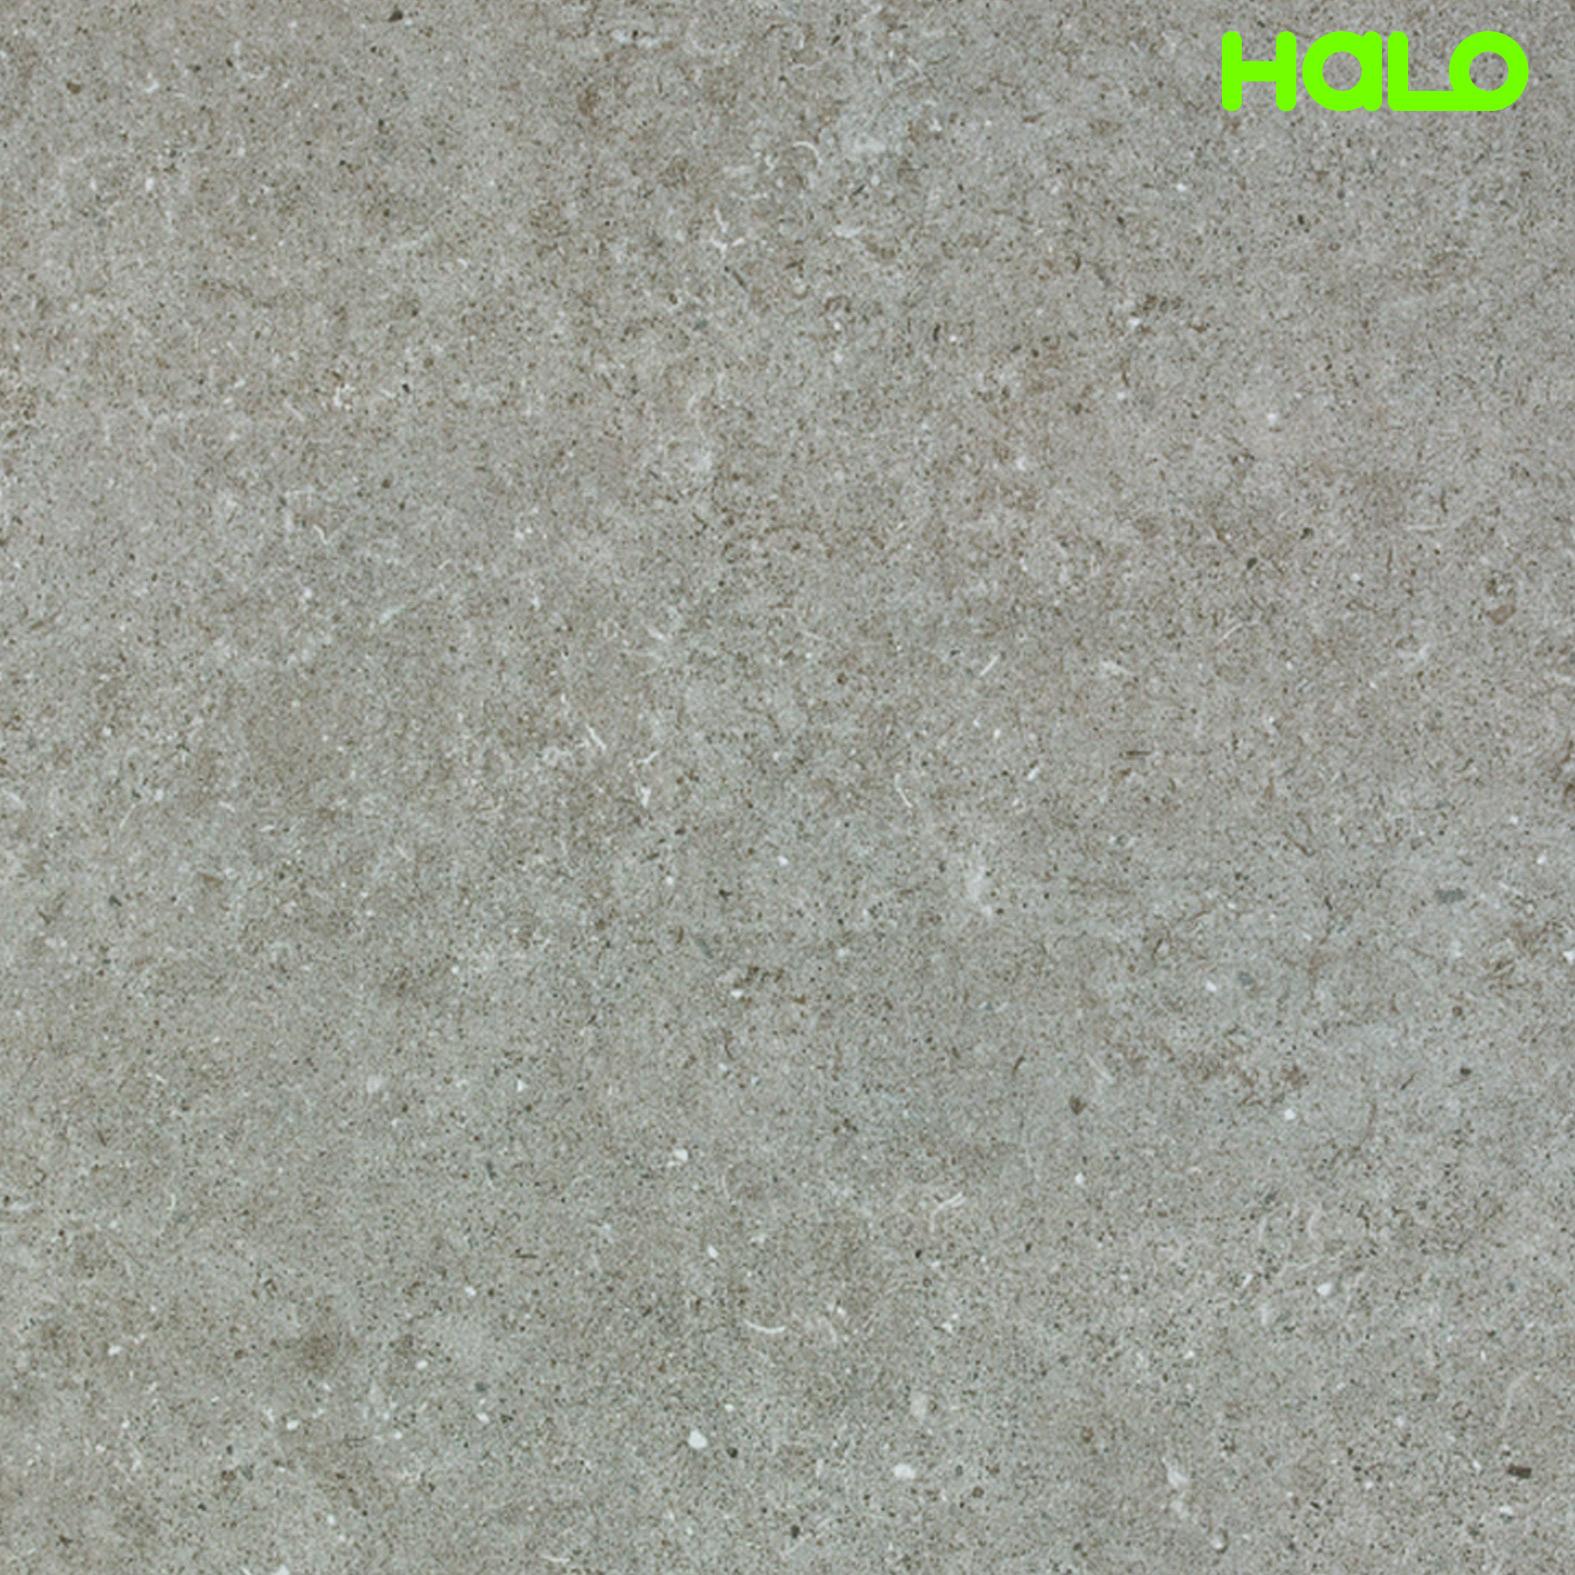 Gạch mờ ánh kim - K0606458TAP